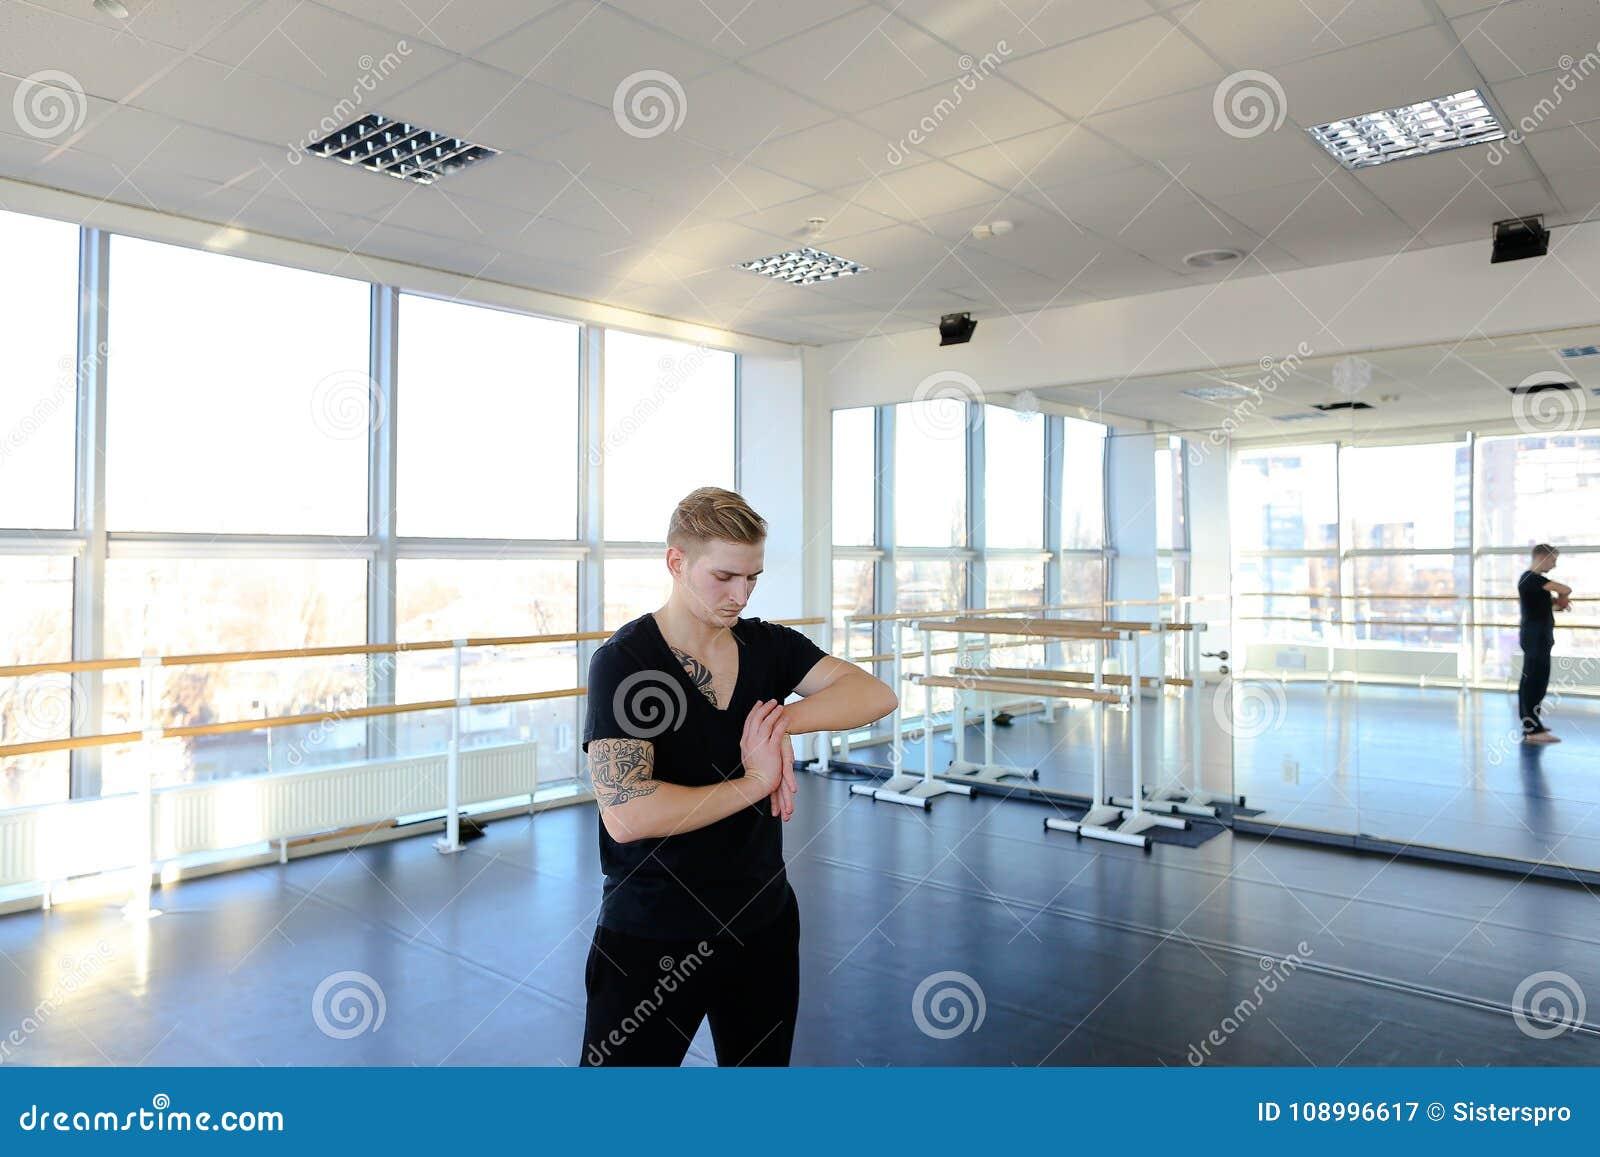 Programador en la ropa de deportes que hace la gimnasia para evitar problemas con